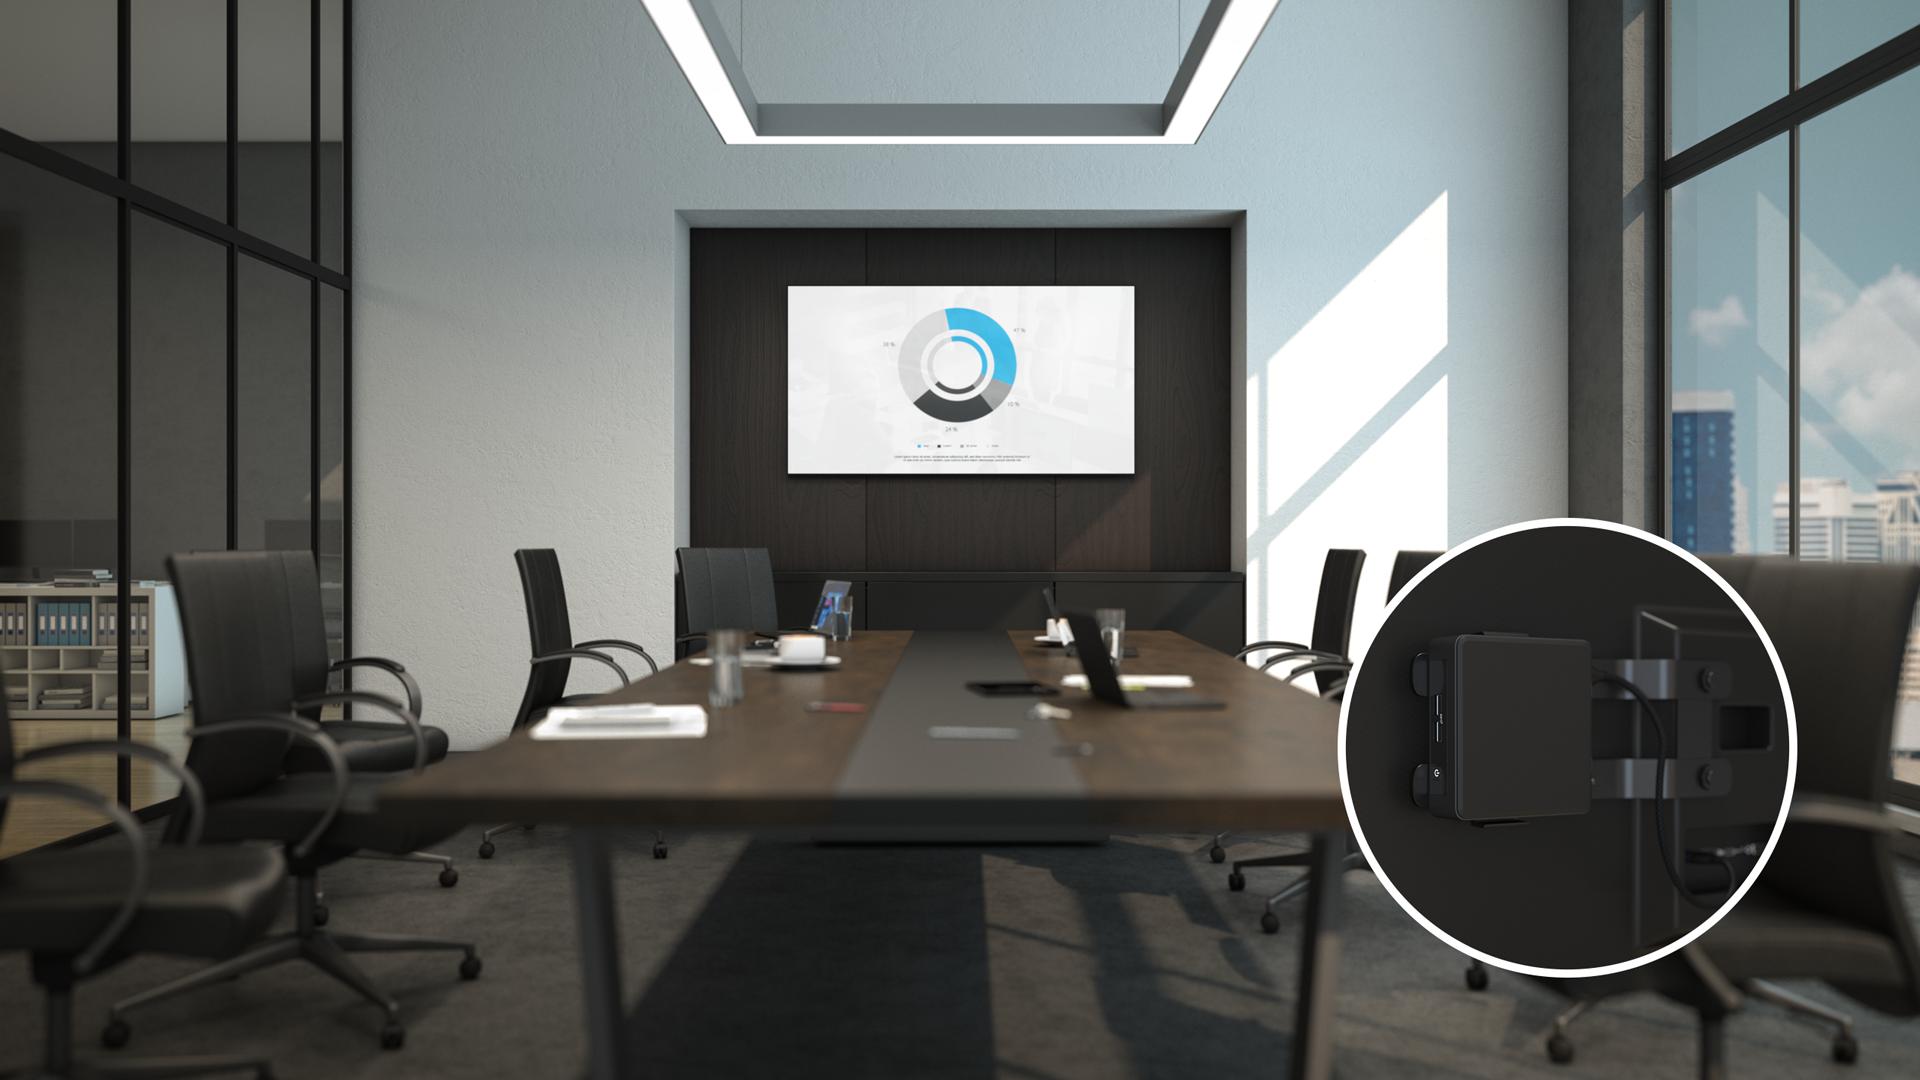 Intel NUC 8 Pro boardroom